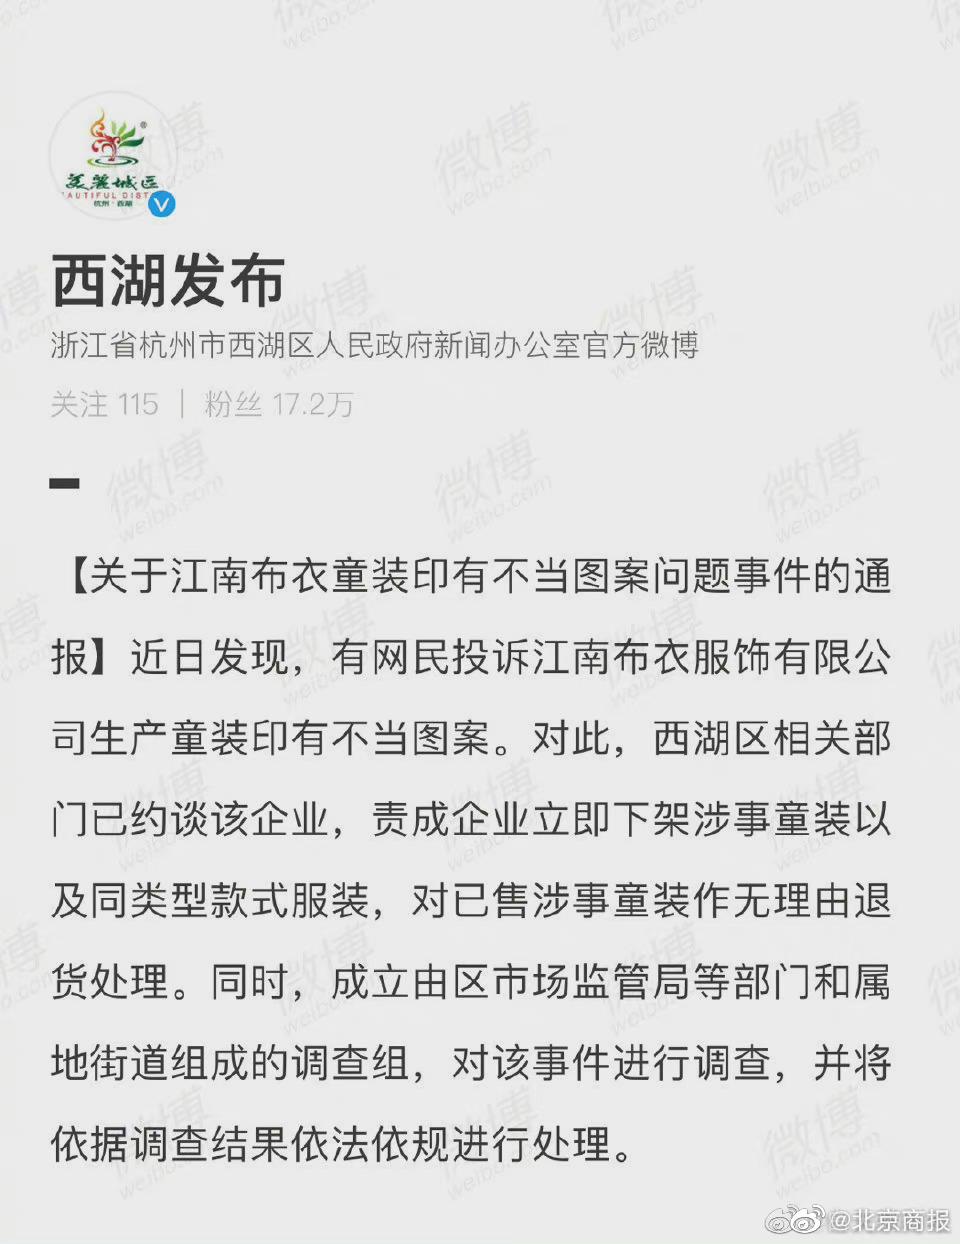 杭州官方约谈江南布衣 将对童装印有不当图案问题展开调查